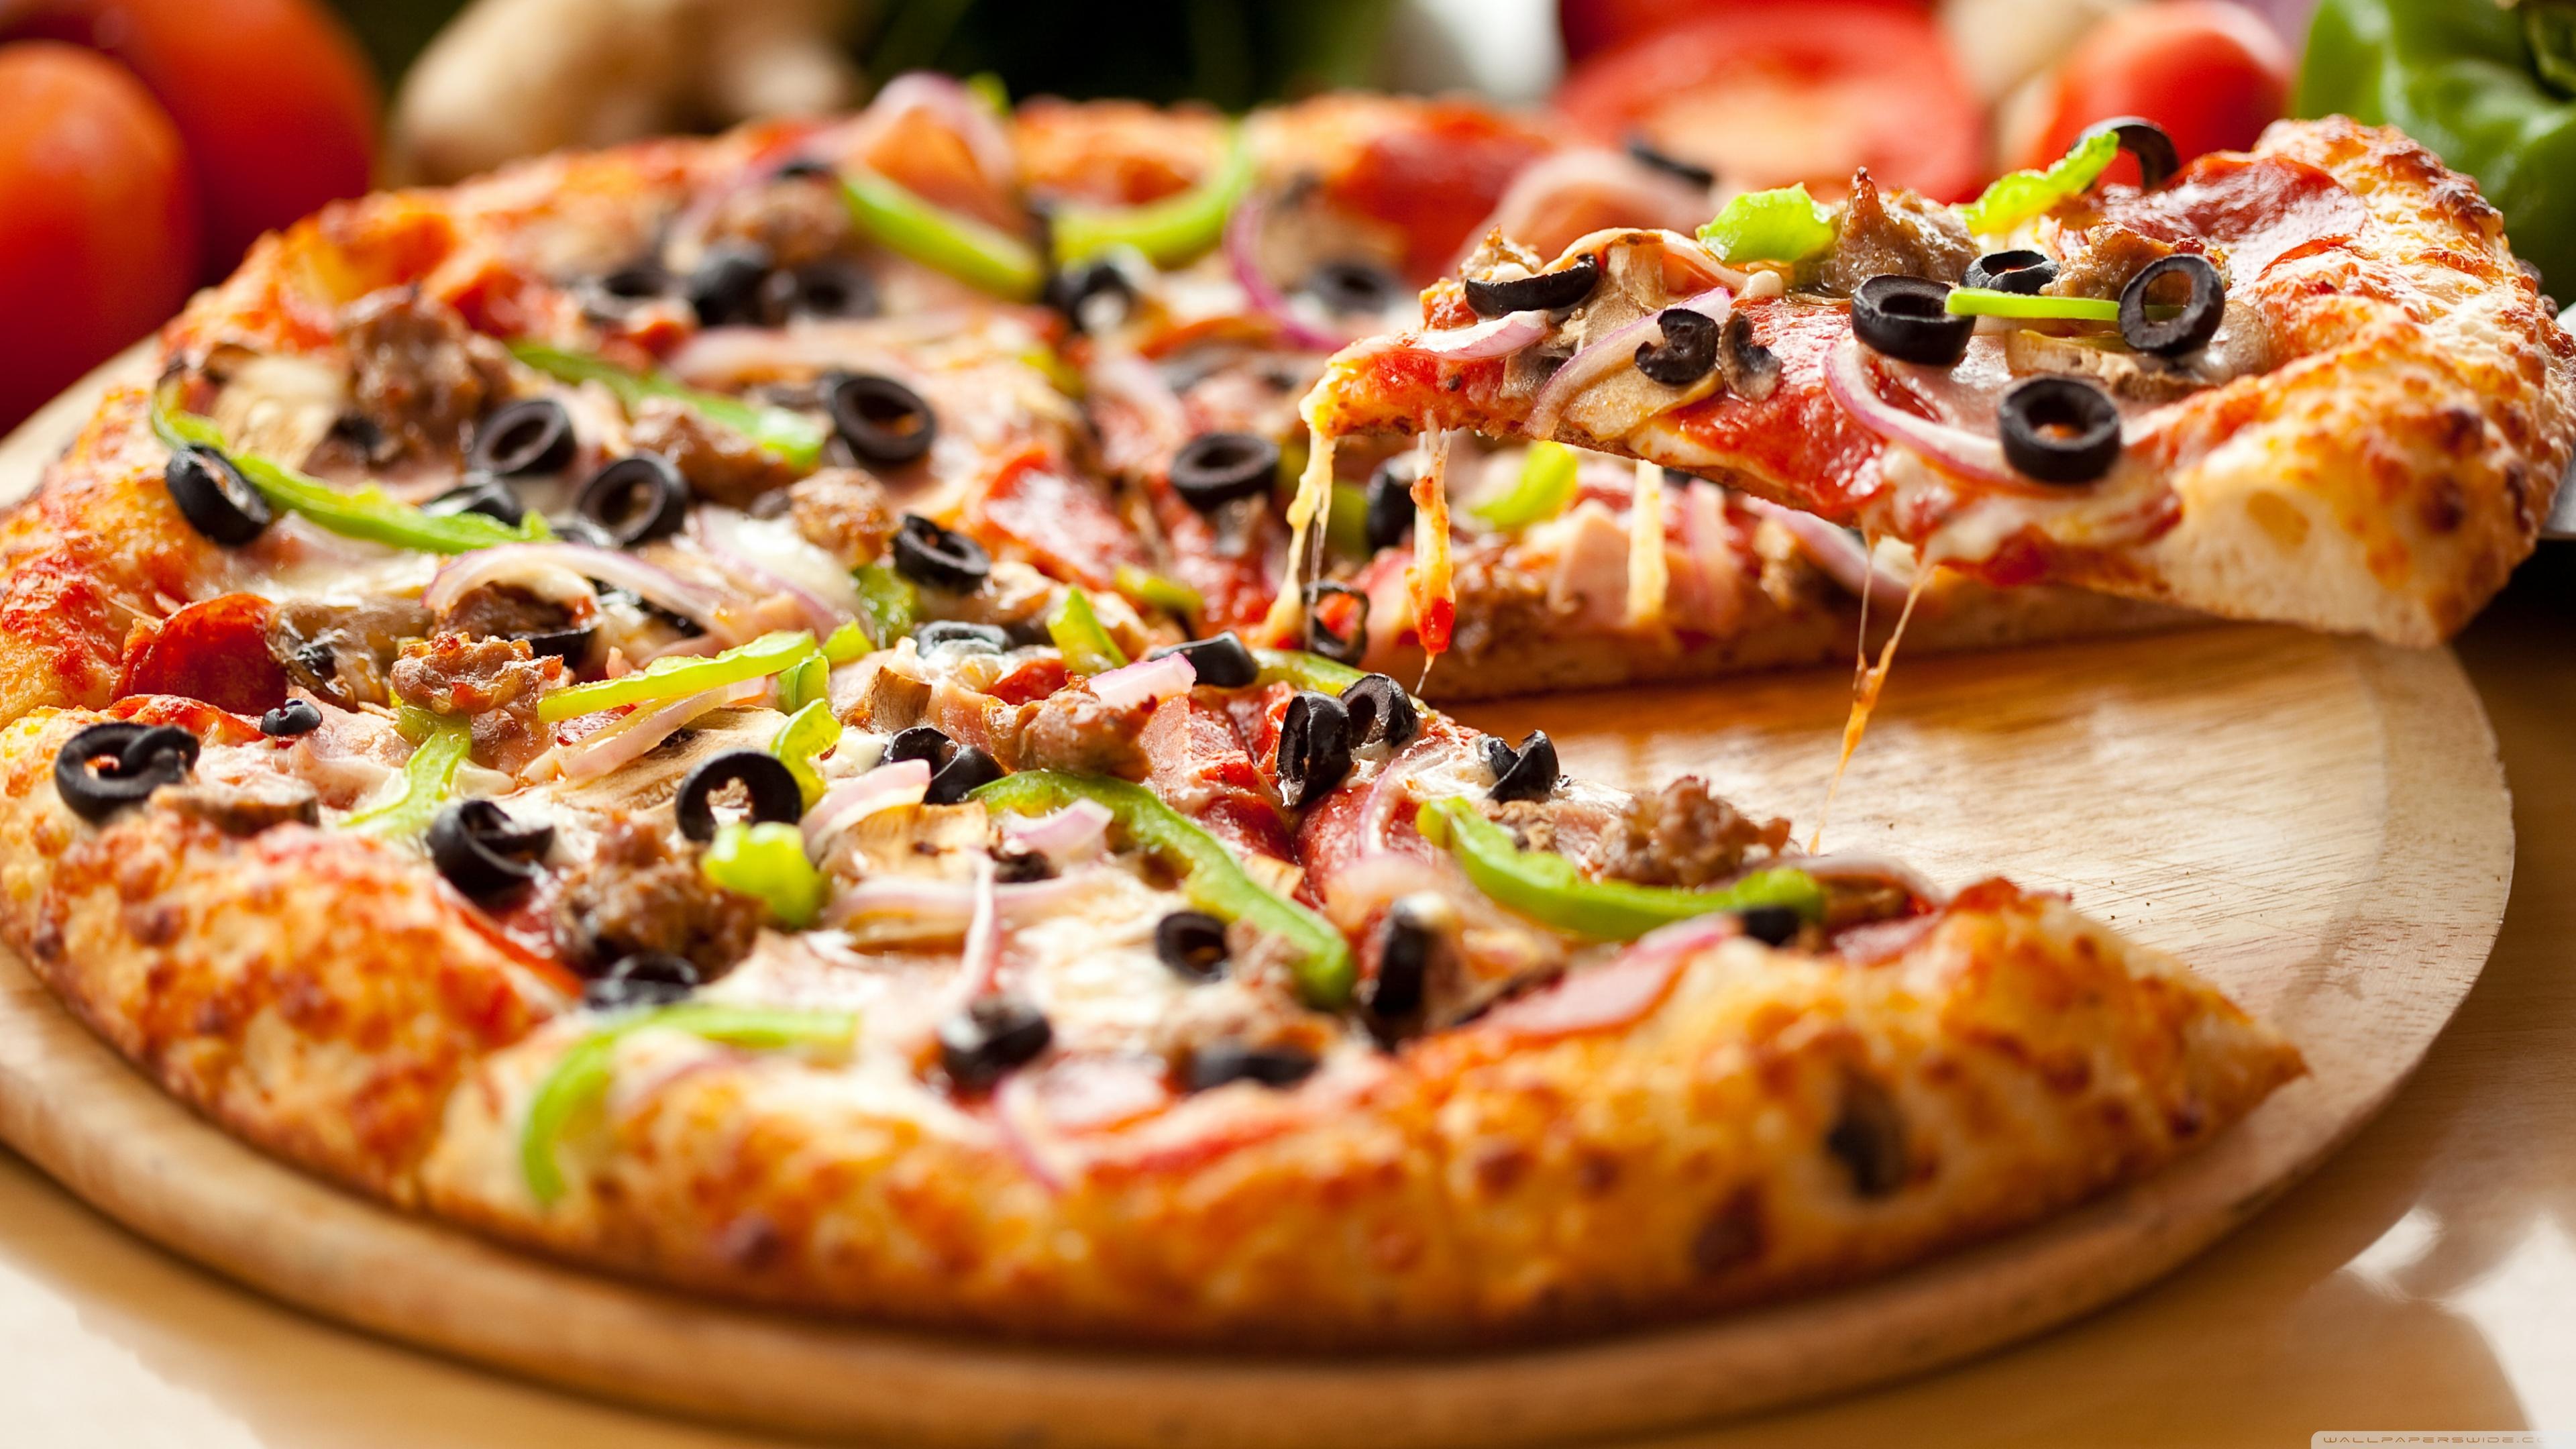 Αγαπάς την πίτσα; Καιρός να μάθεις όσα δεν ξέρεις για αυτήν-featured_image